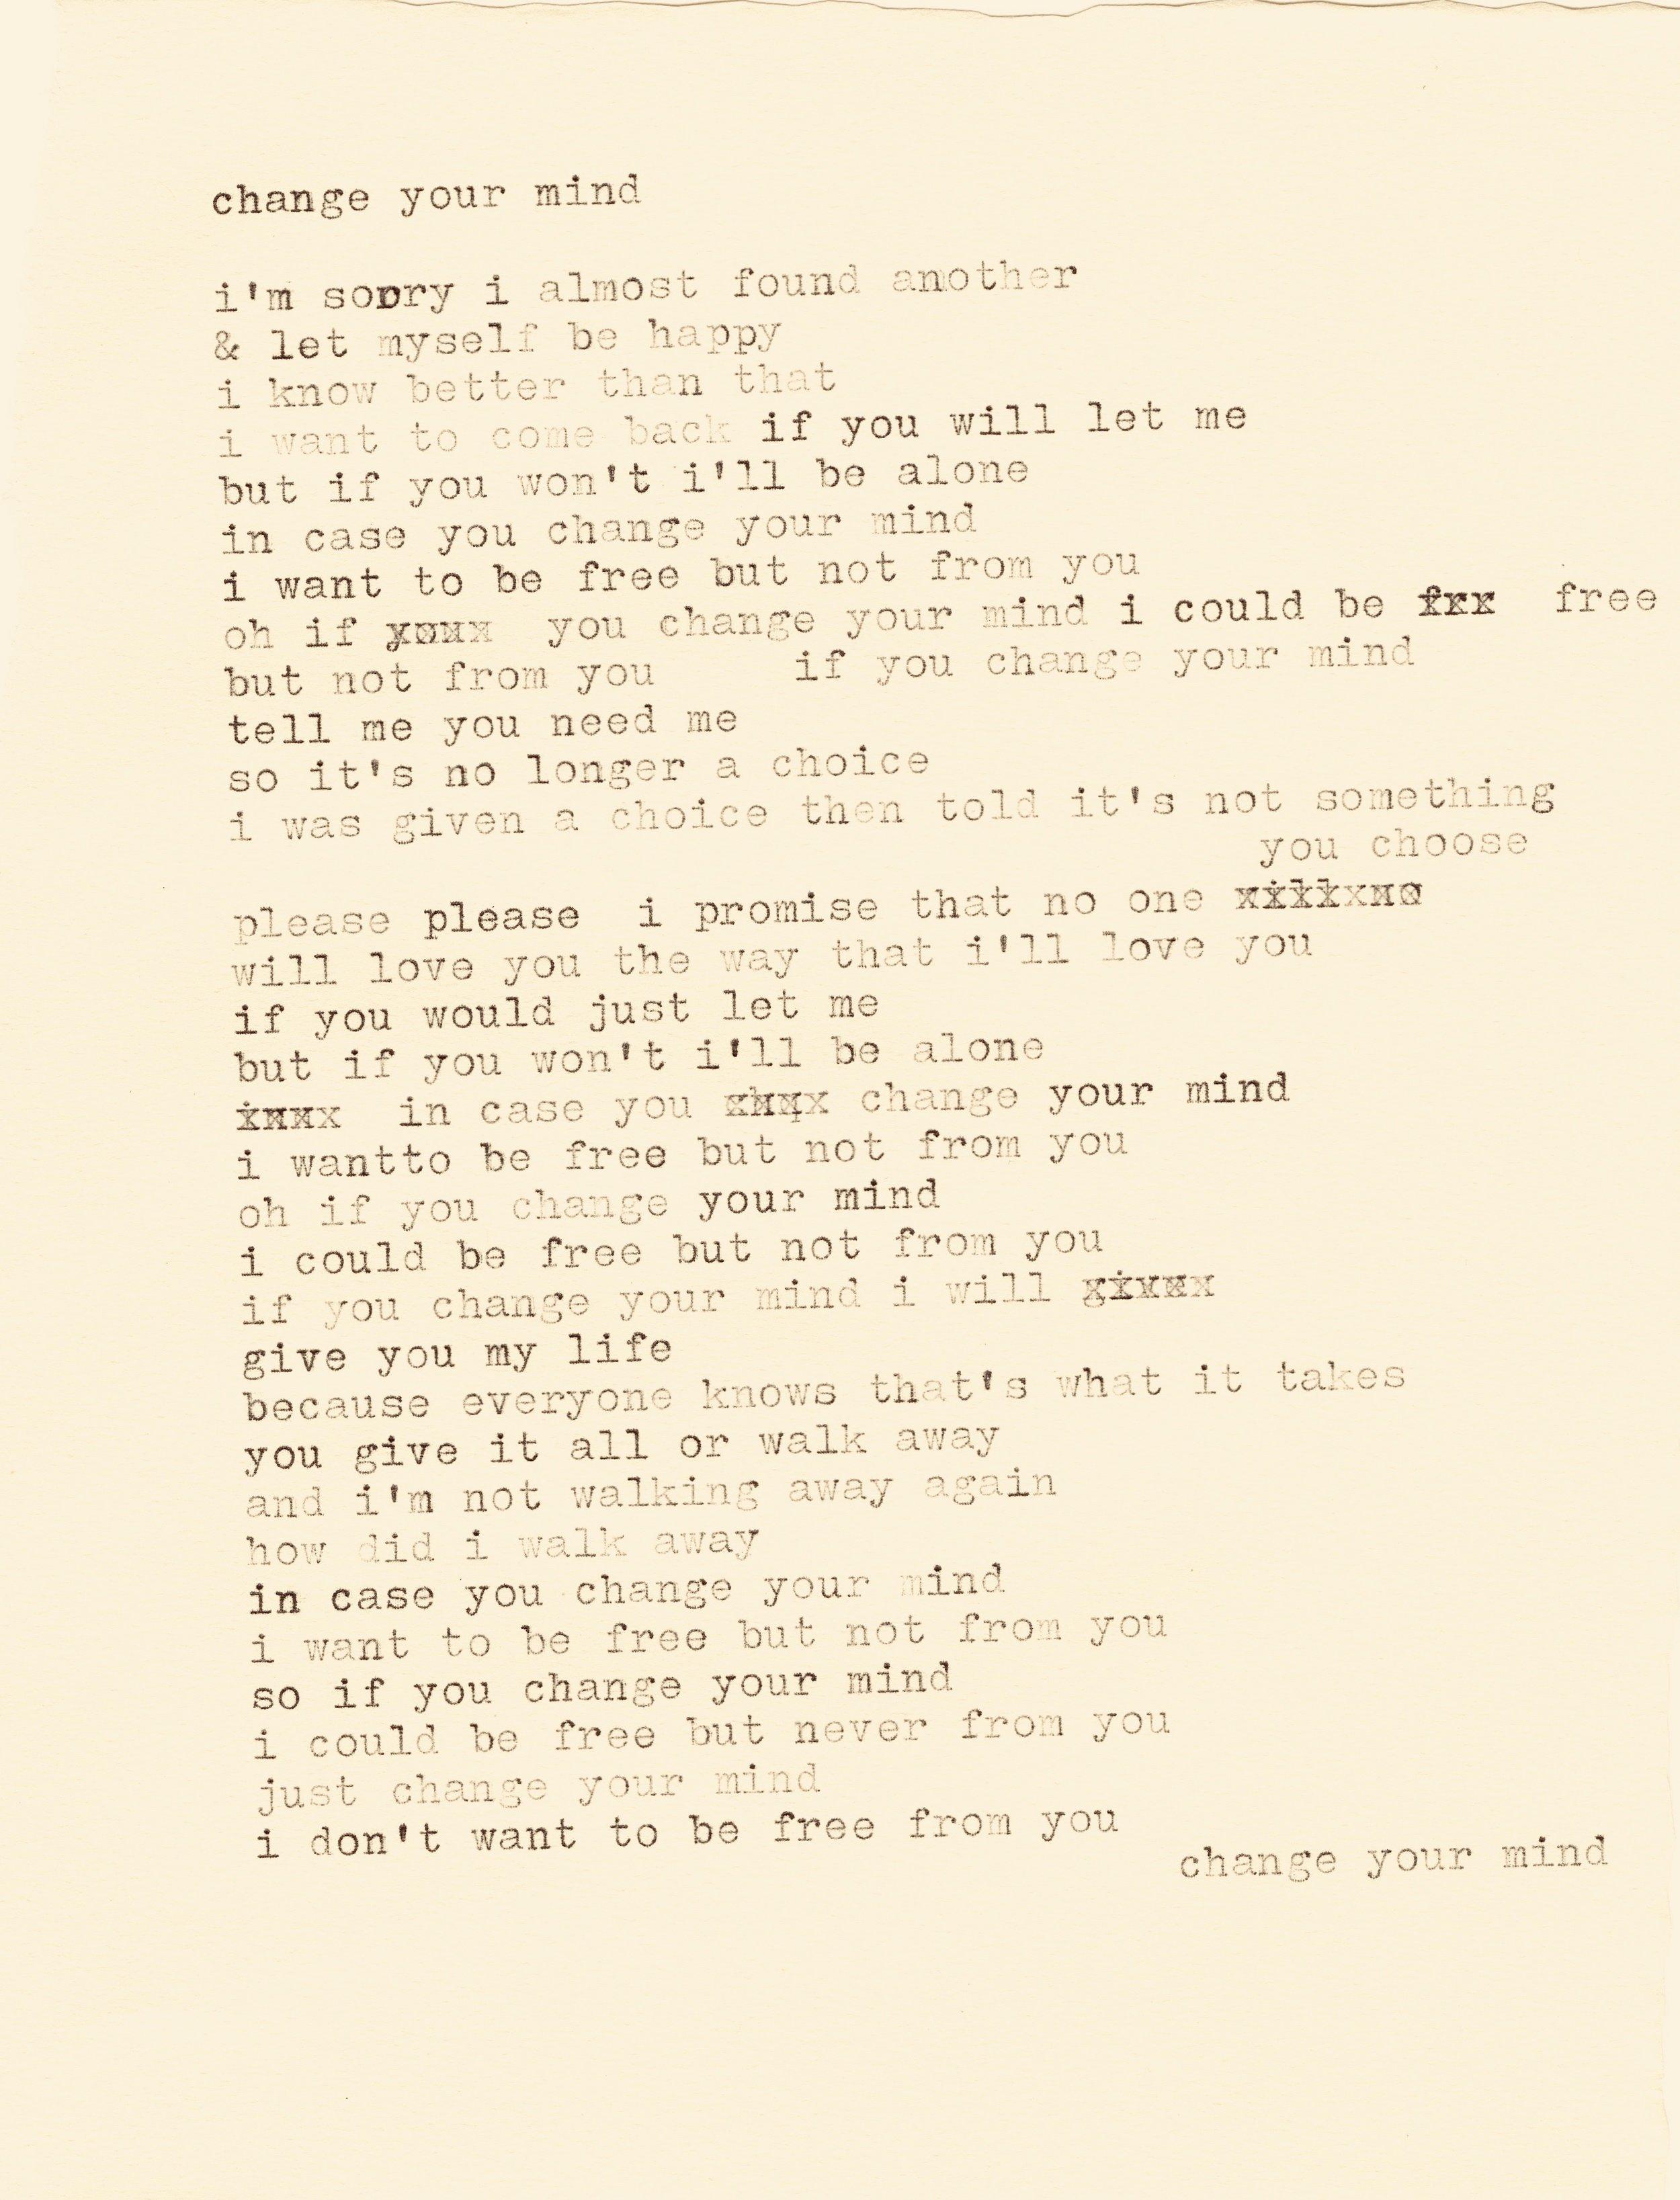 change your mind lyrics typewriter.jpg